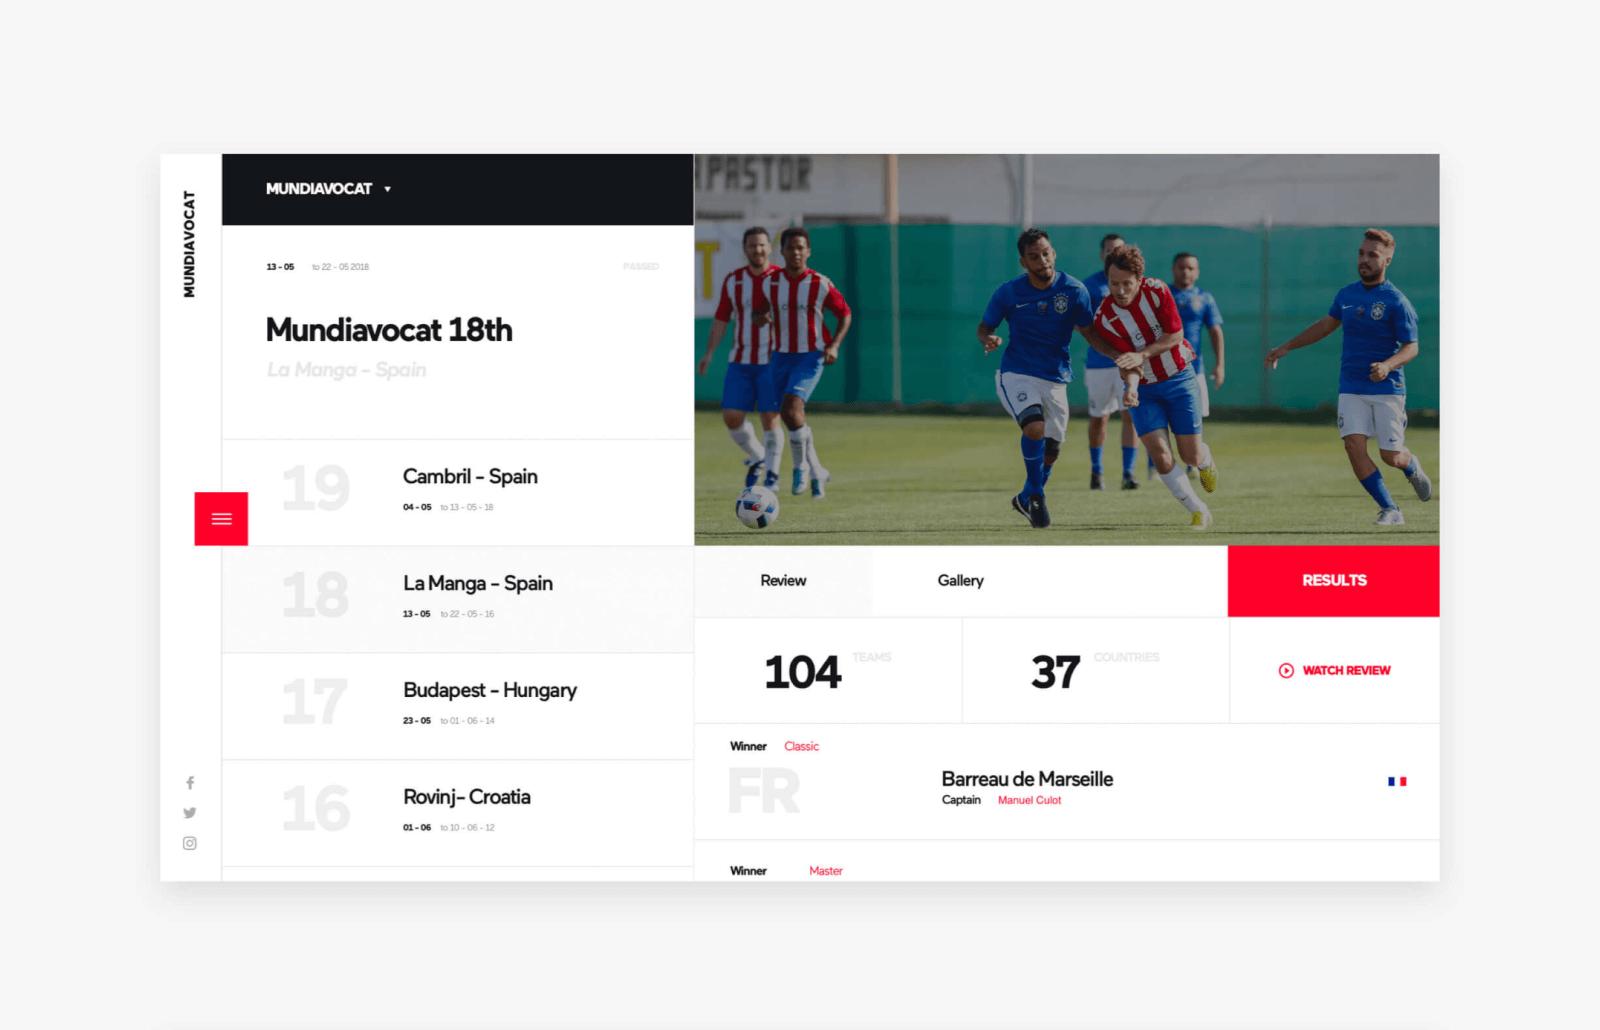 Mundiavocat website design